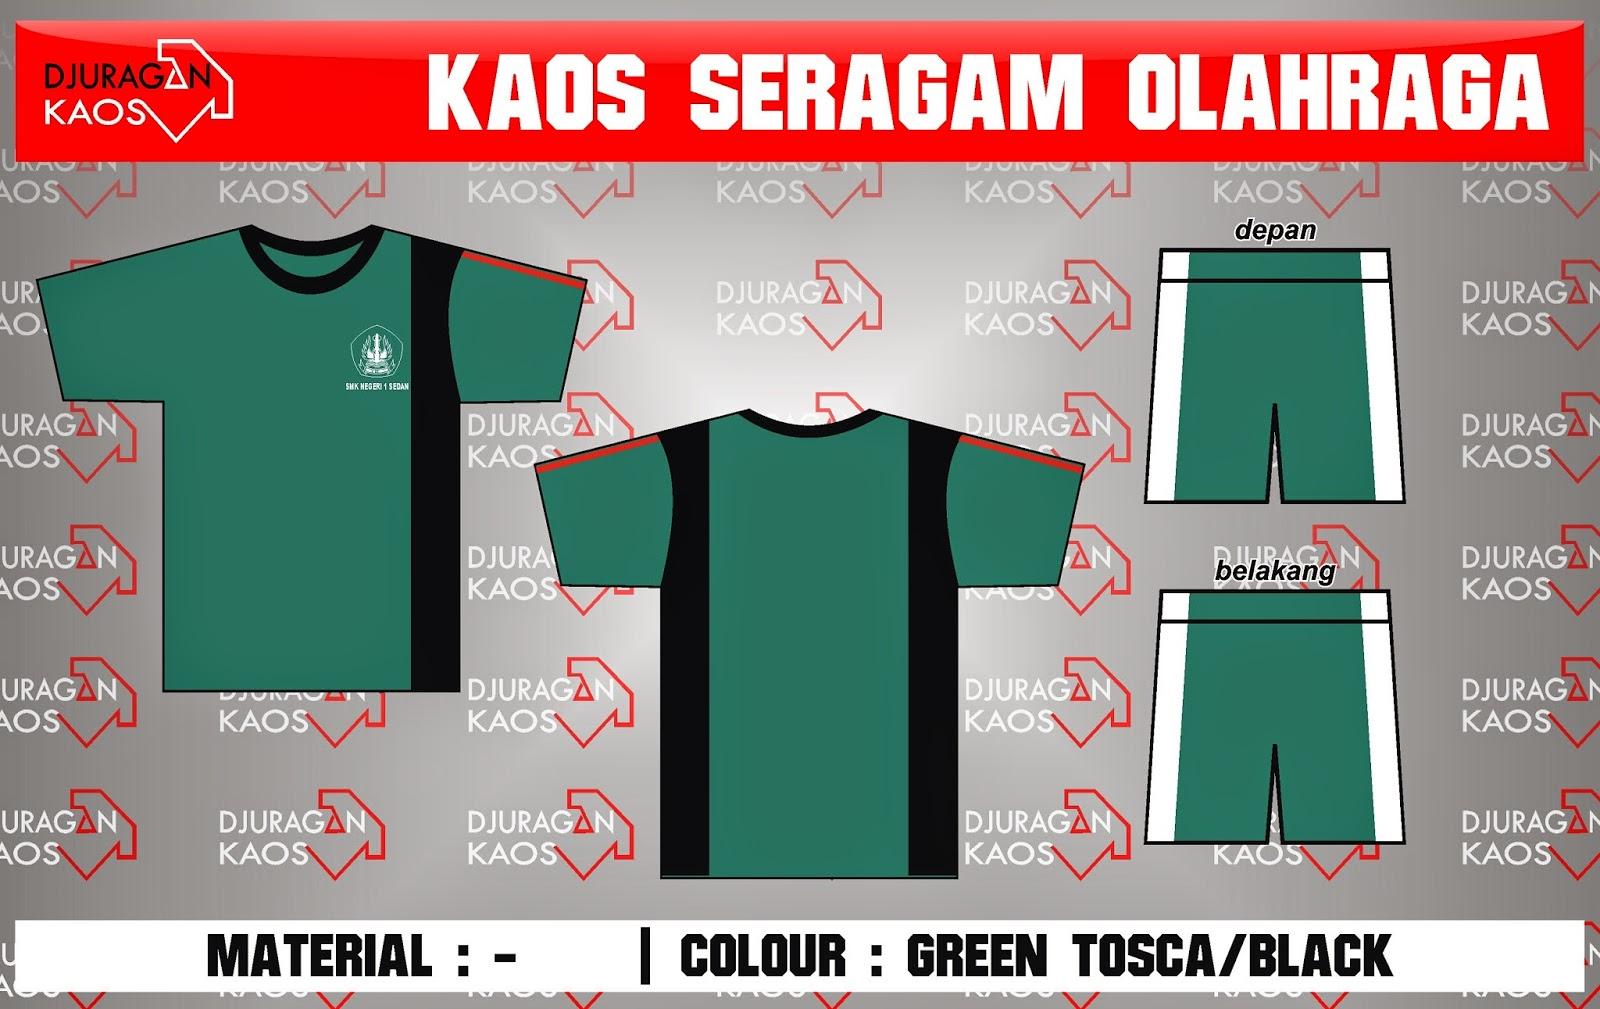 Accecories Design Kaos Seragam Olahraga